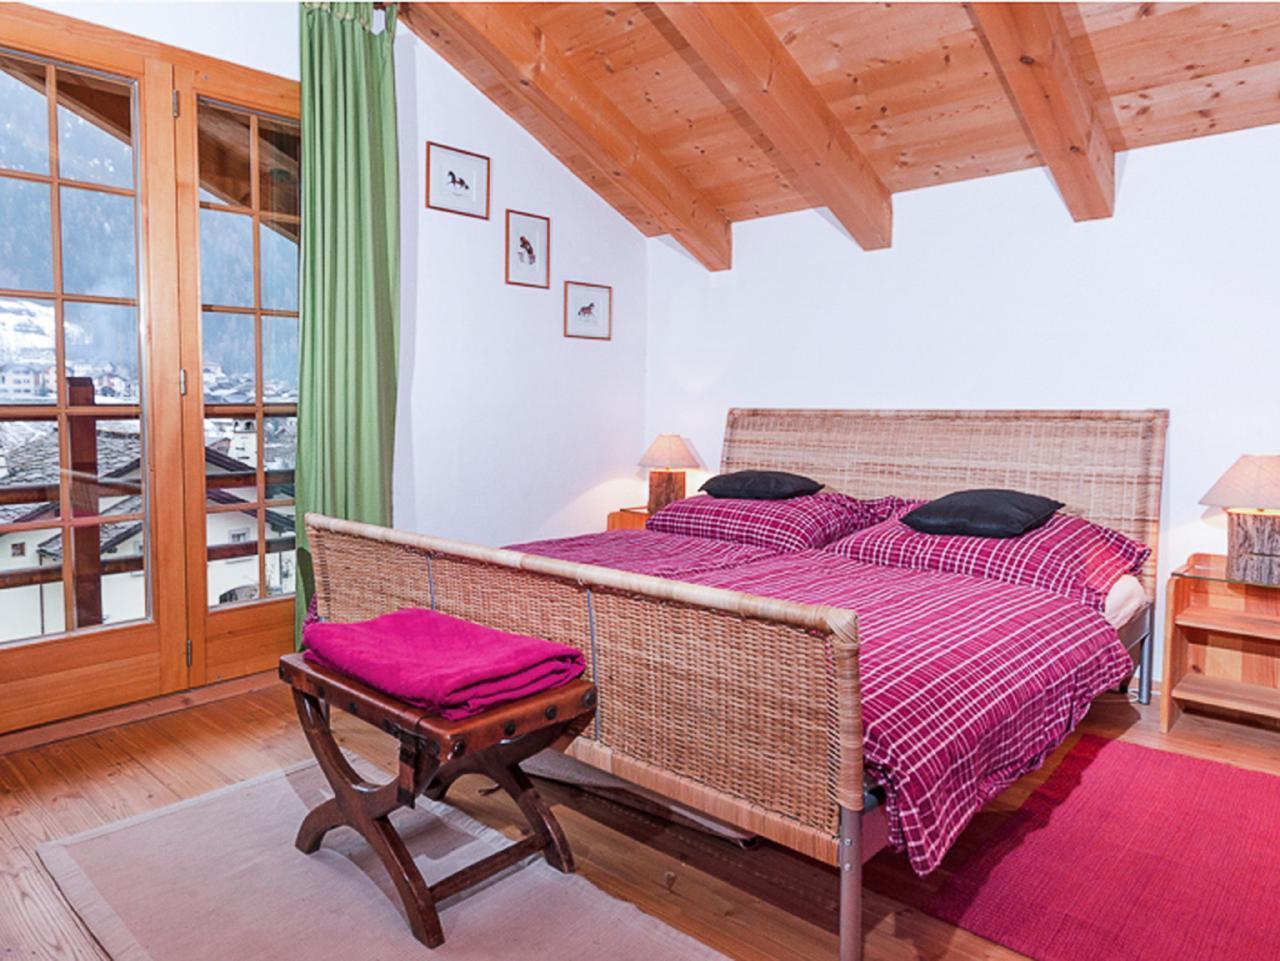 Ferienhaus Chalet Val de Verbier (303511), Le Châble VS, Val de Bagnes, Wallis, Schweiz, Bild 13